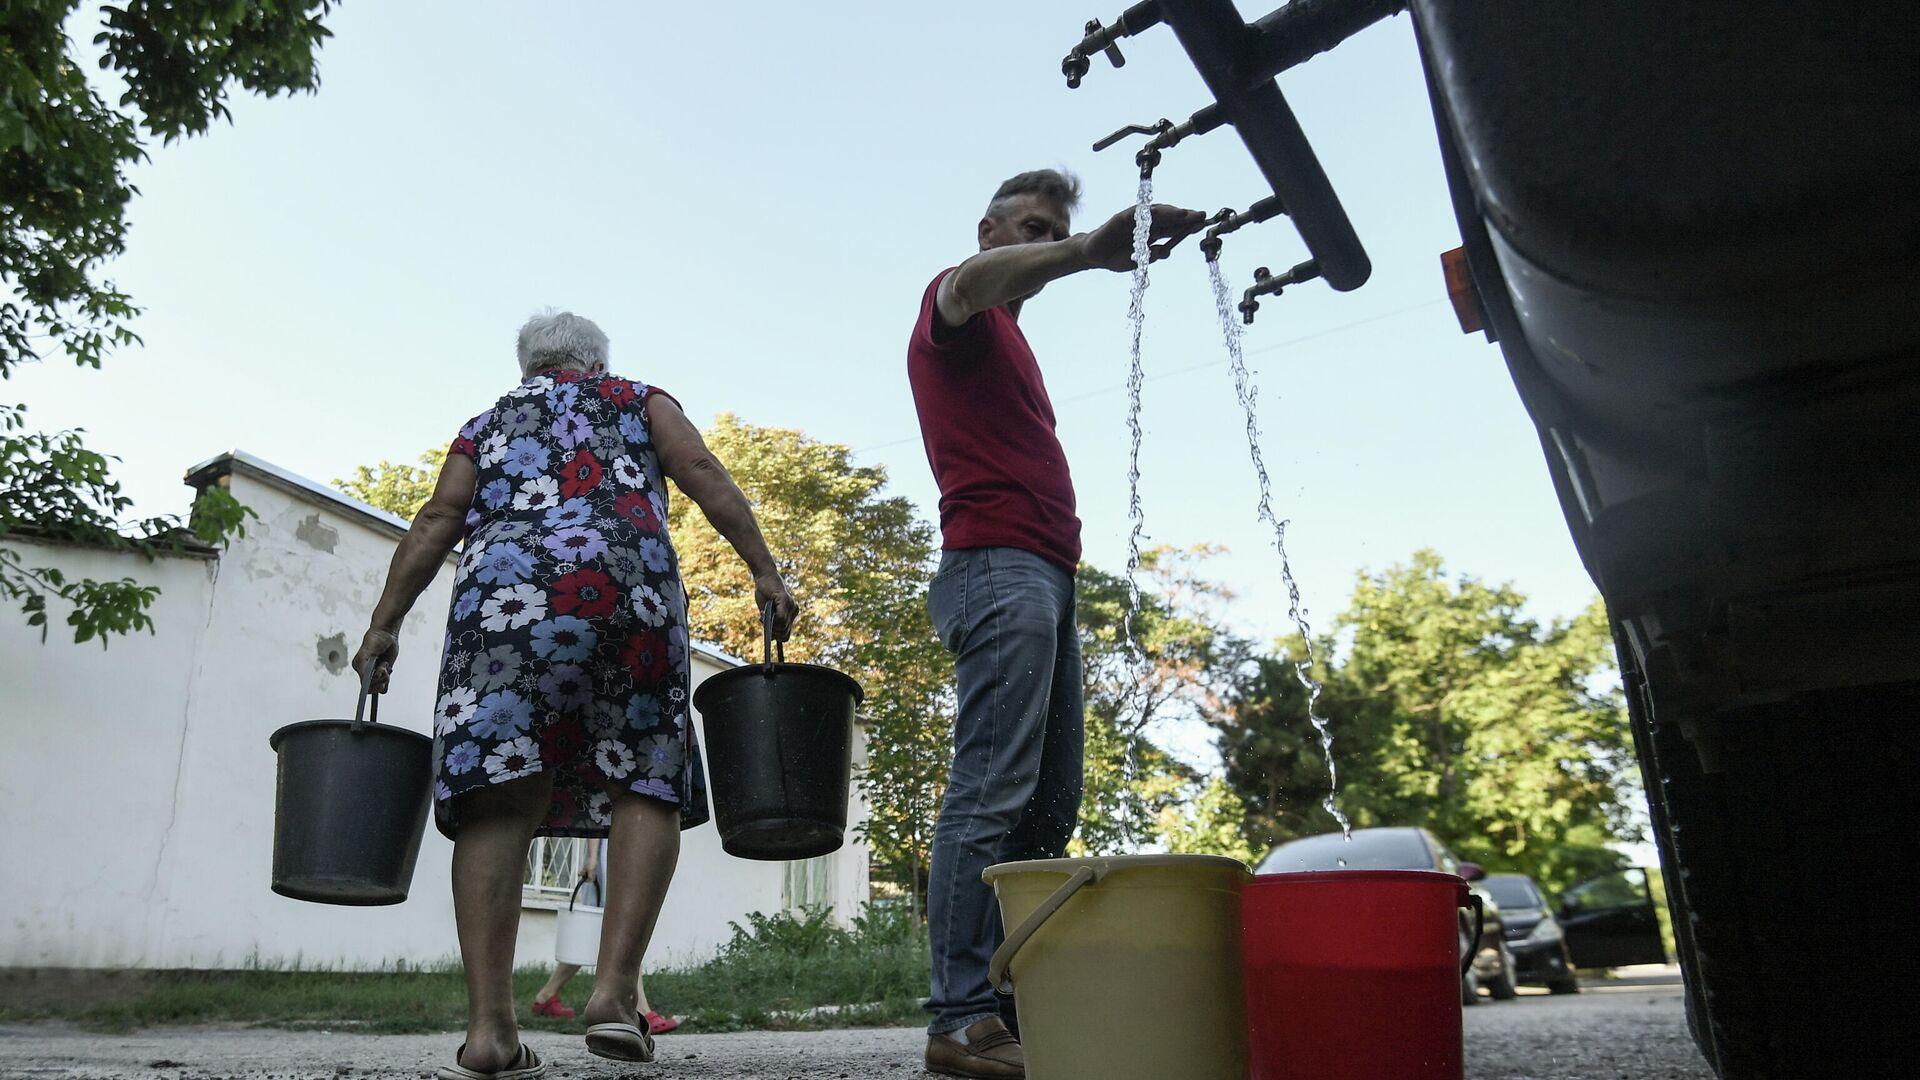 Жители Cимферополя набирают в емкости питьевую воду, привезенную в цистернах - РИА Новости, 1920, 21.09.2020